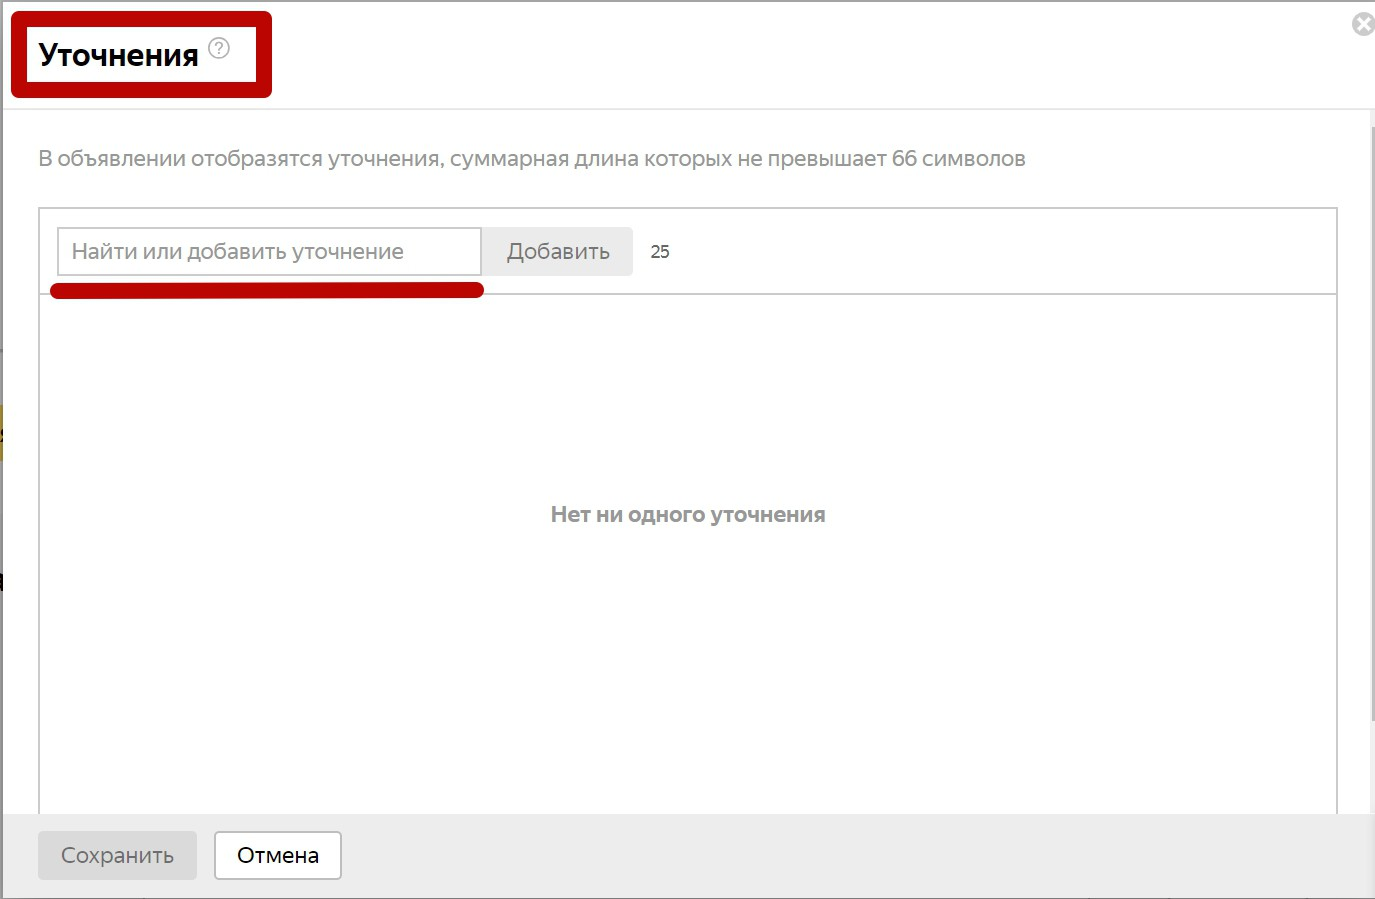 Реклама на поиске Яндекса – окно для добавления уточнений